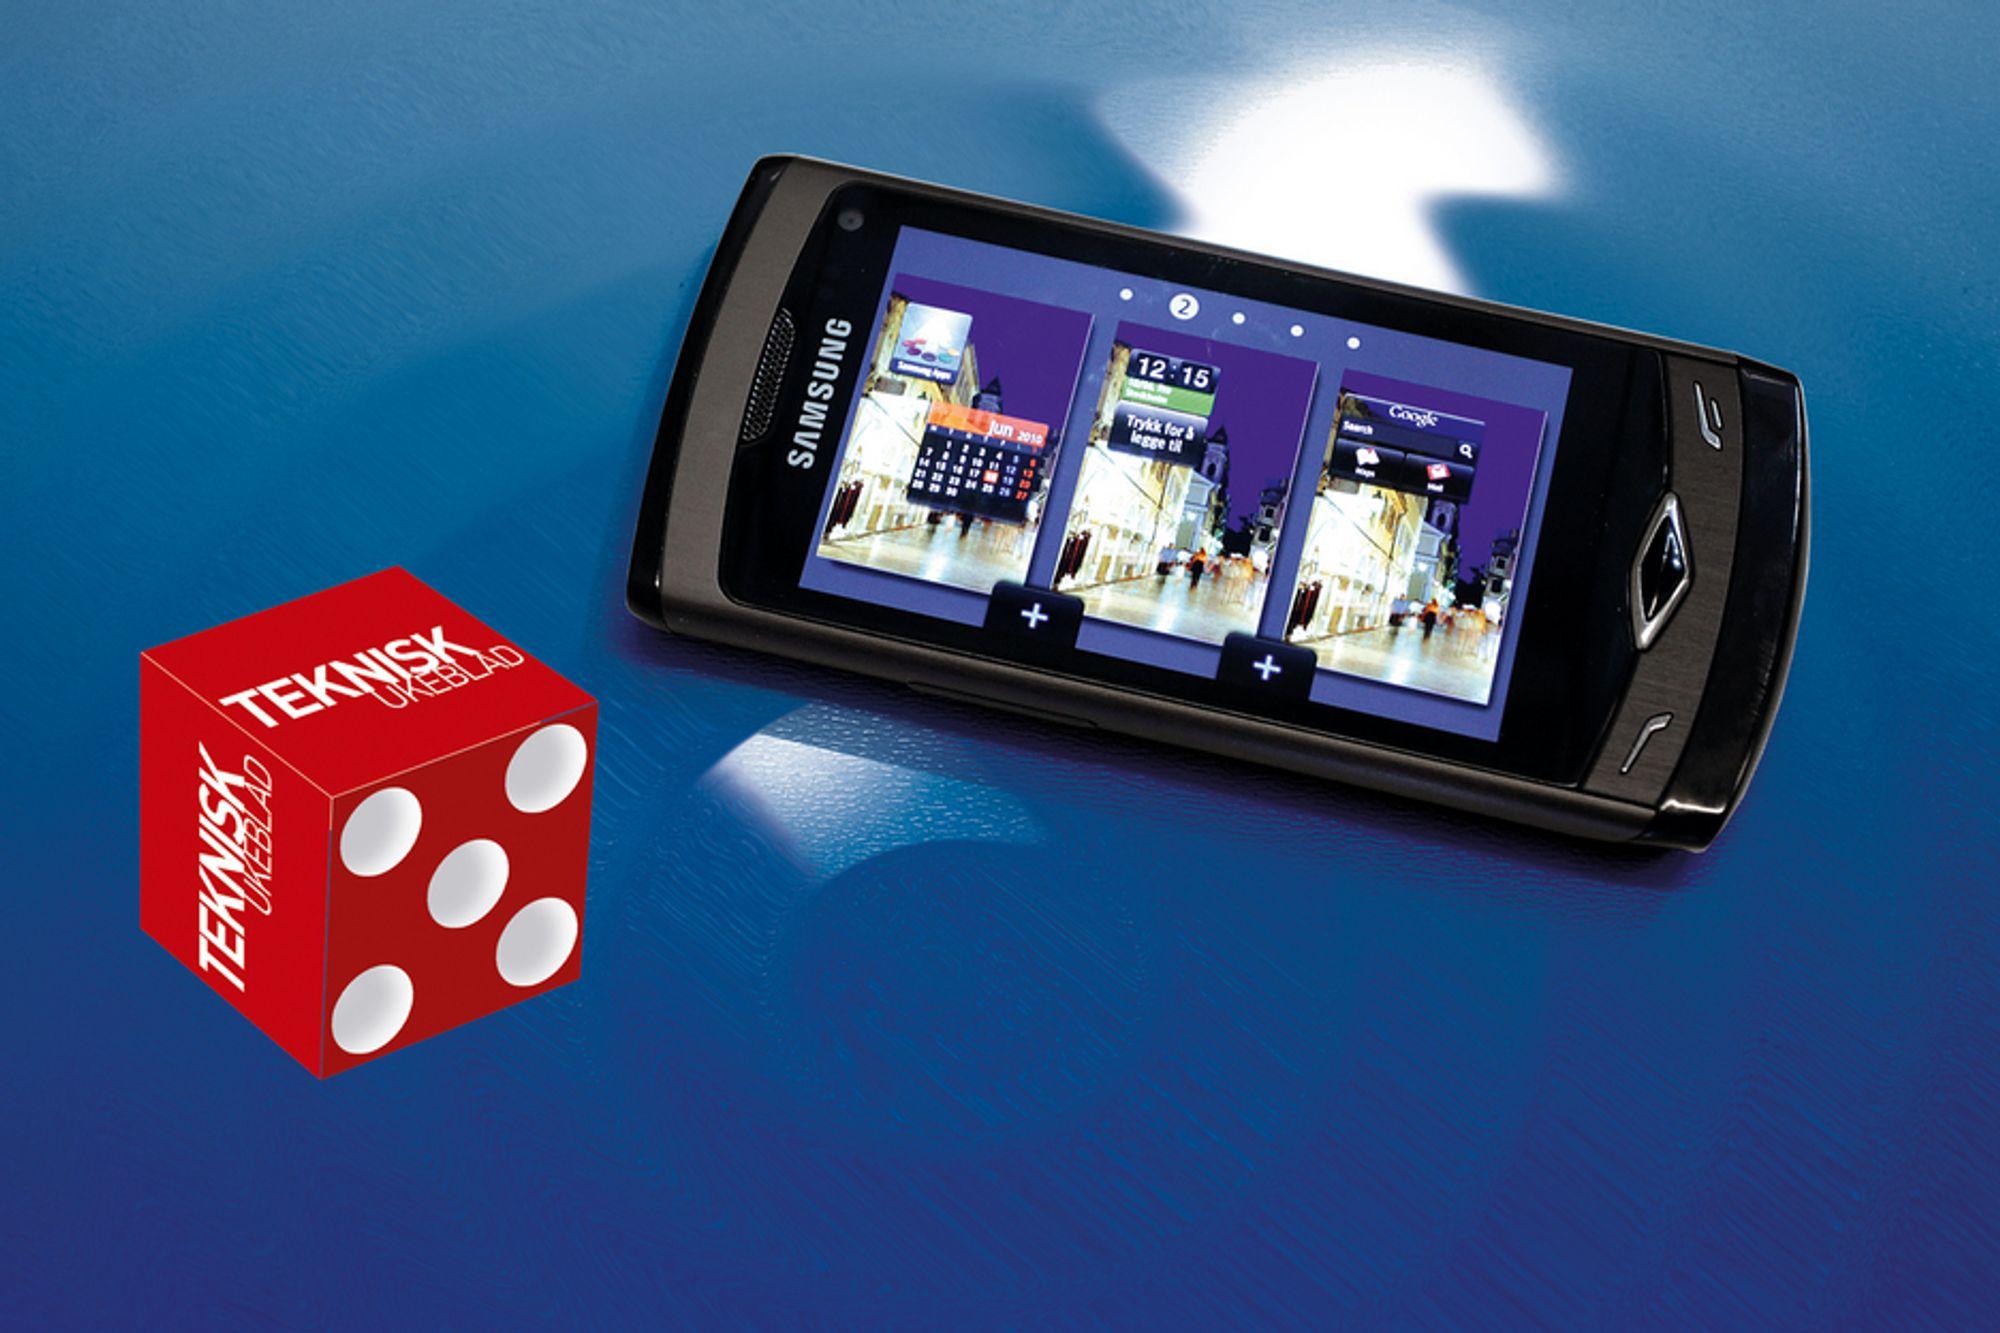 Samsung Wave er rett og slett en god mobil fullspekket med teknologi.